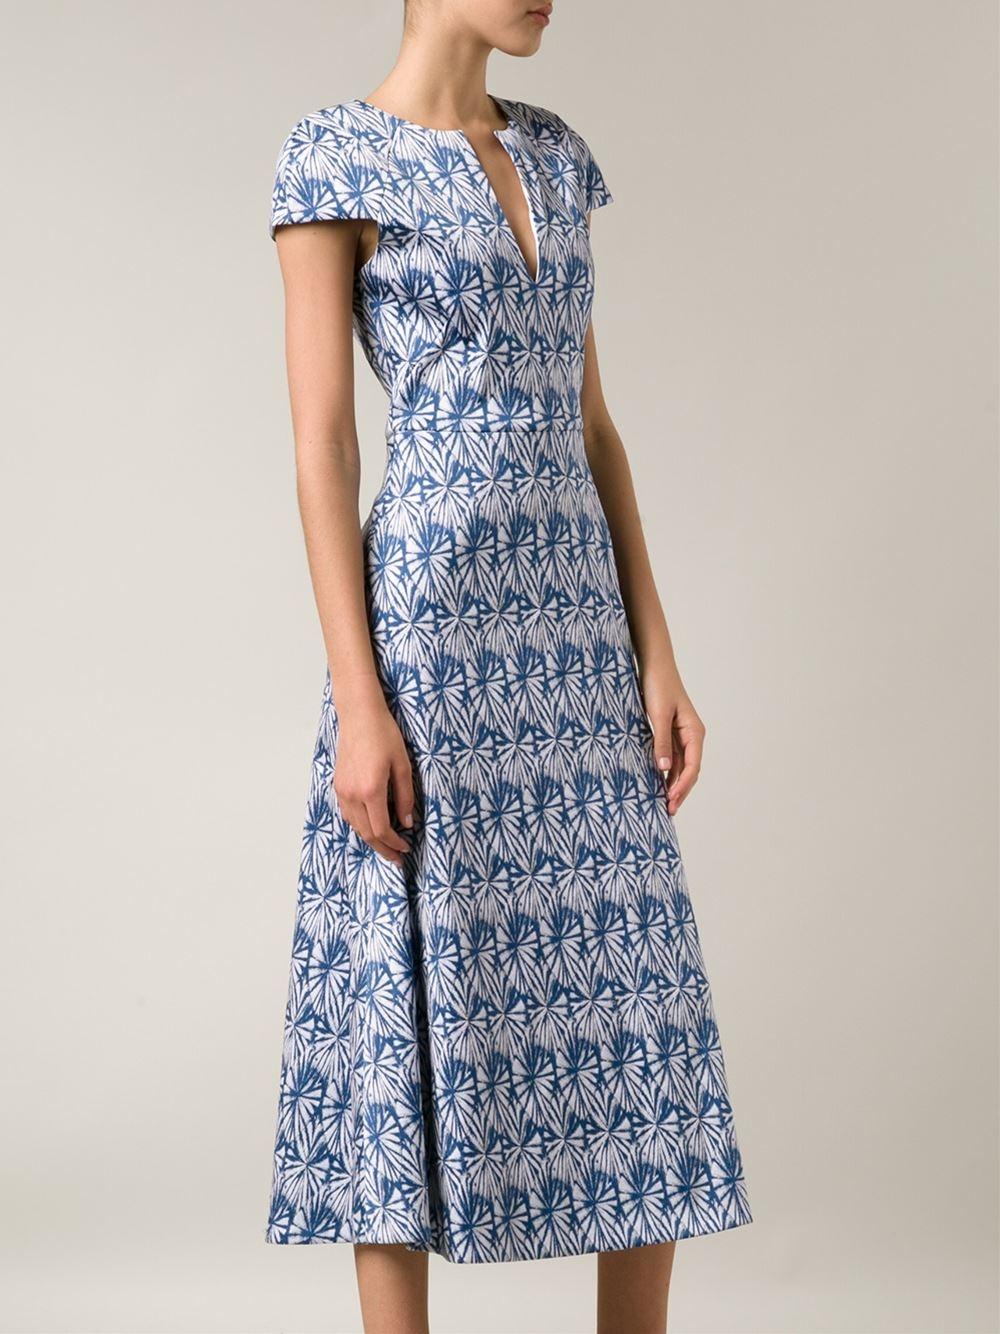 Lyst Wes Gordon Leaf Print Skater Dress In Blue